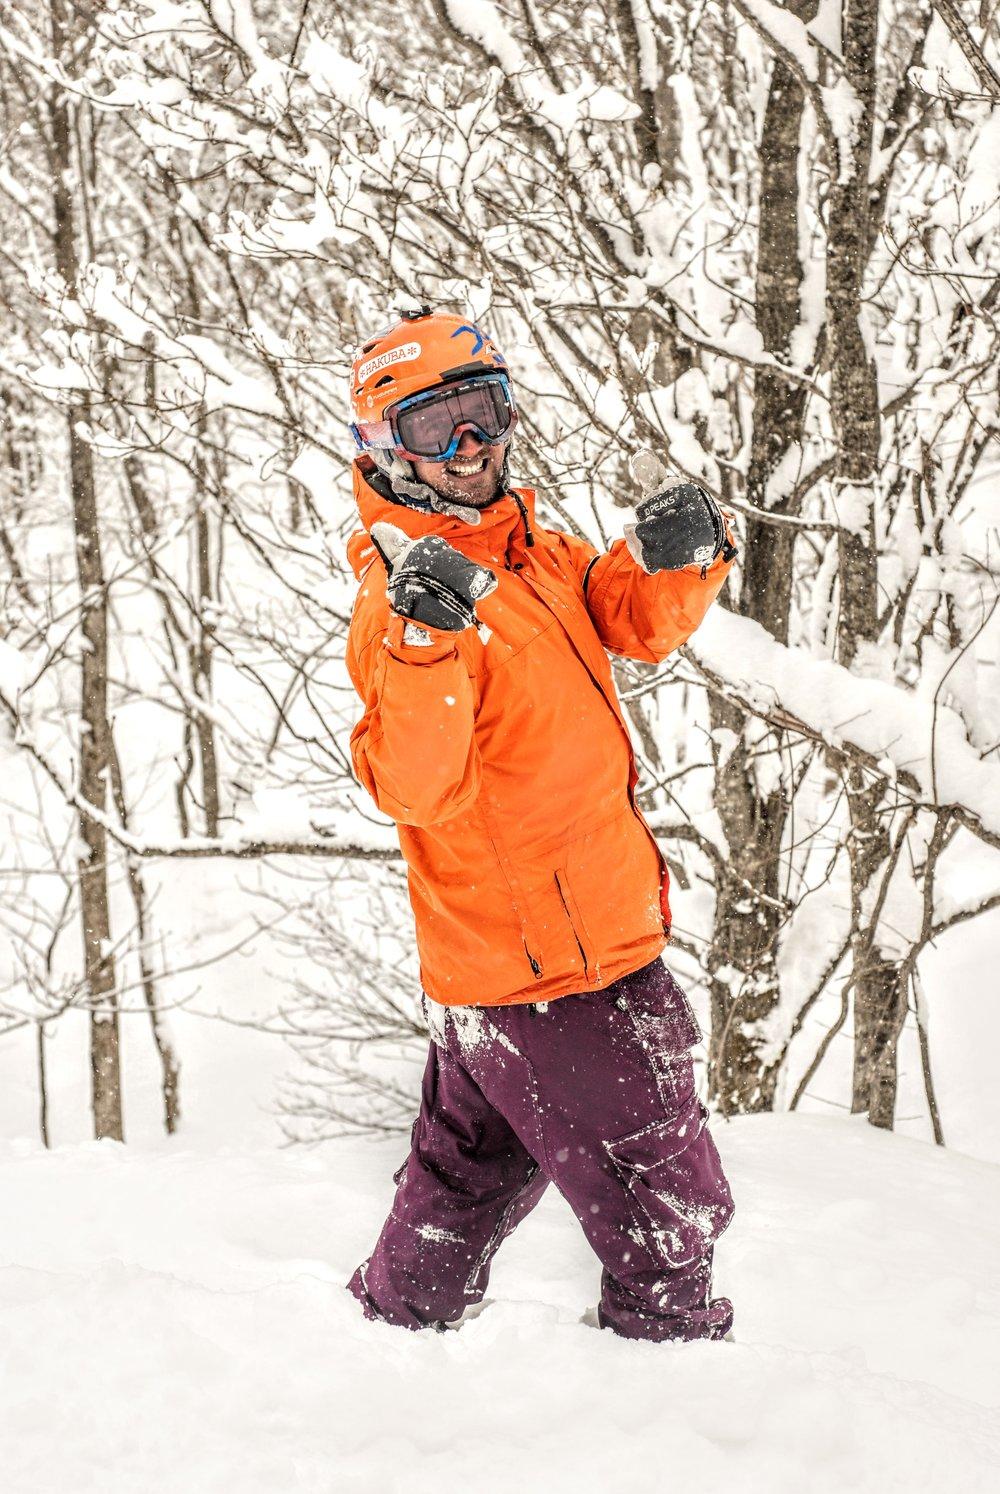 Vores egen franskmand - Quentin Jarc - nyder også sneen